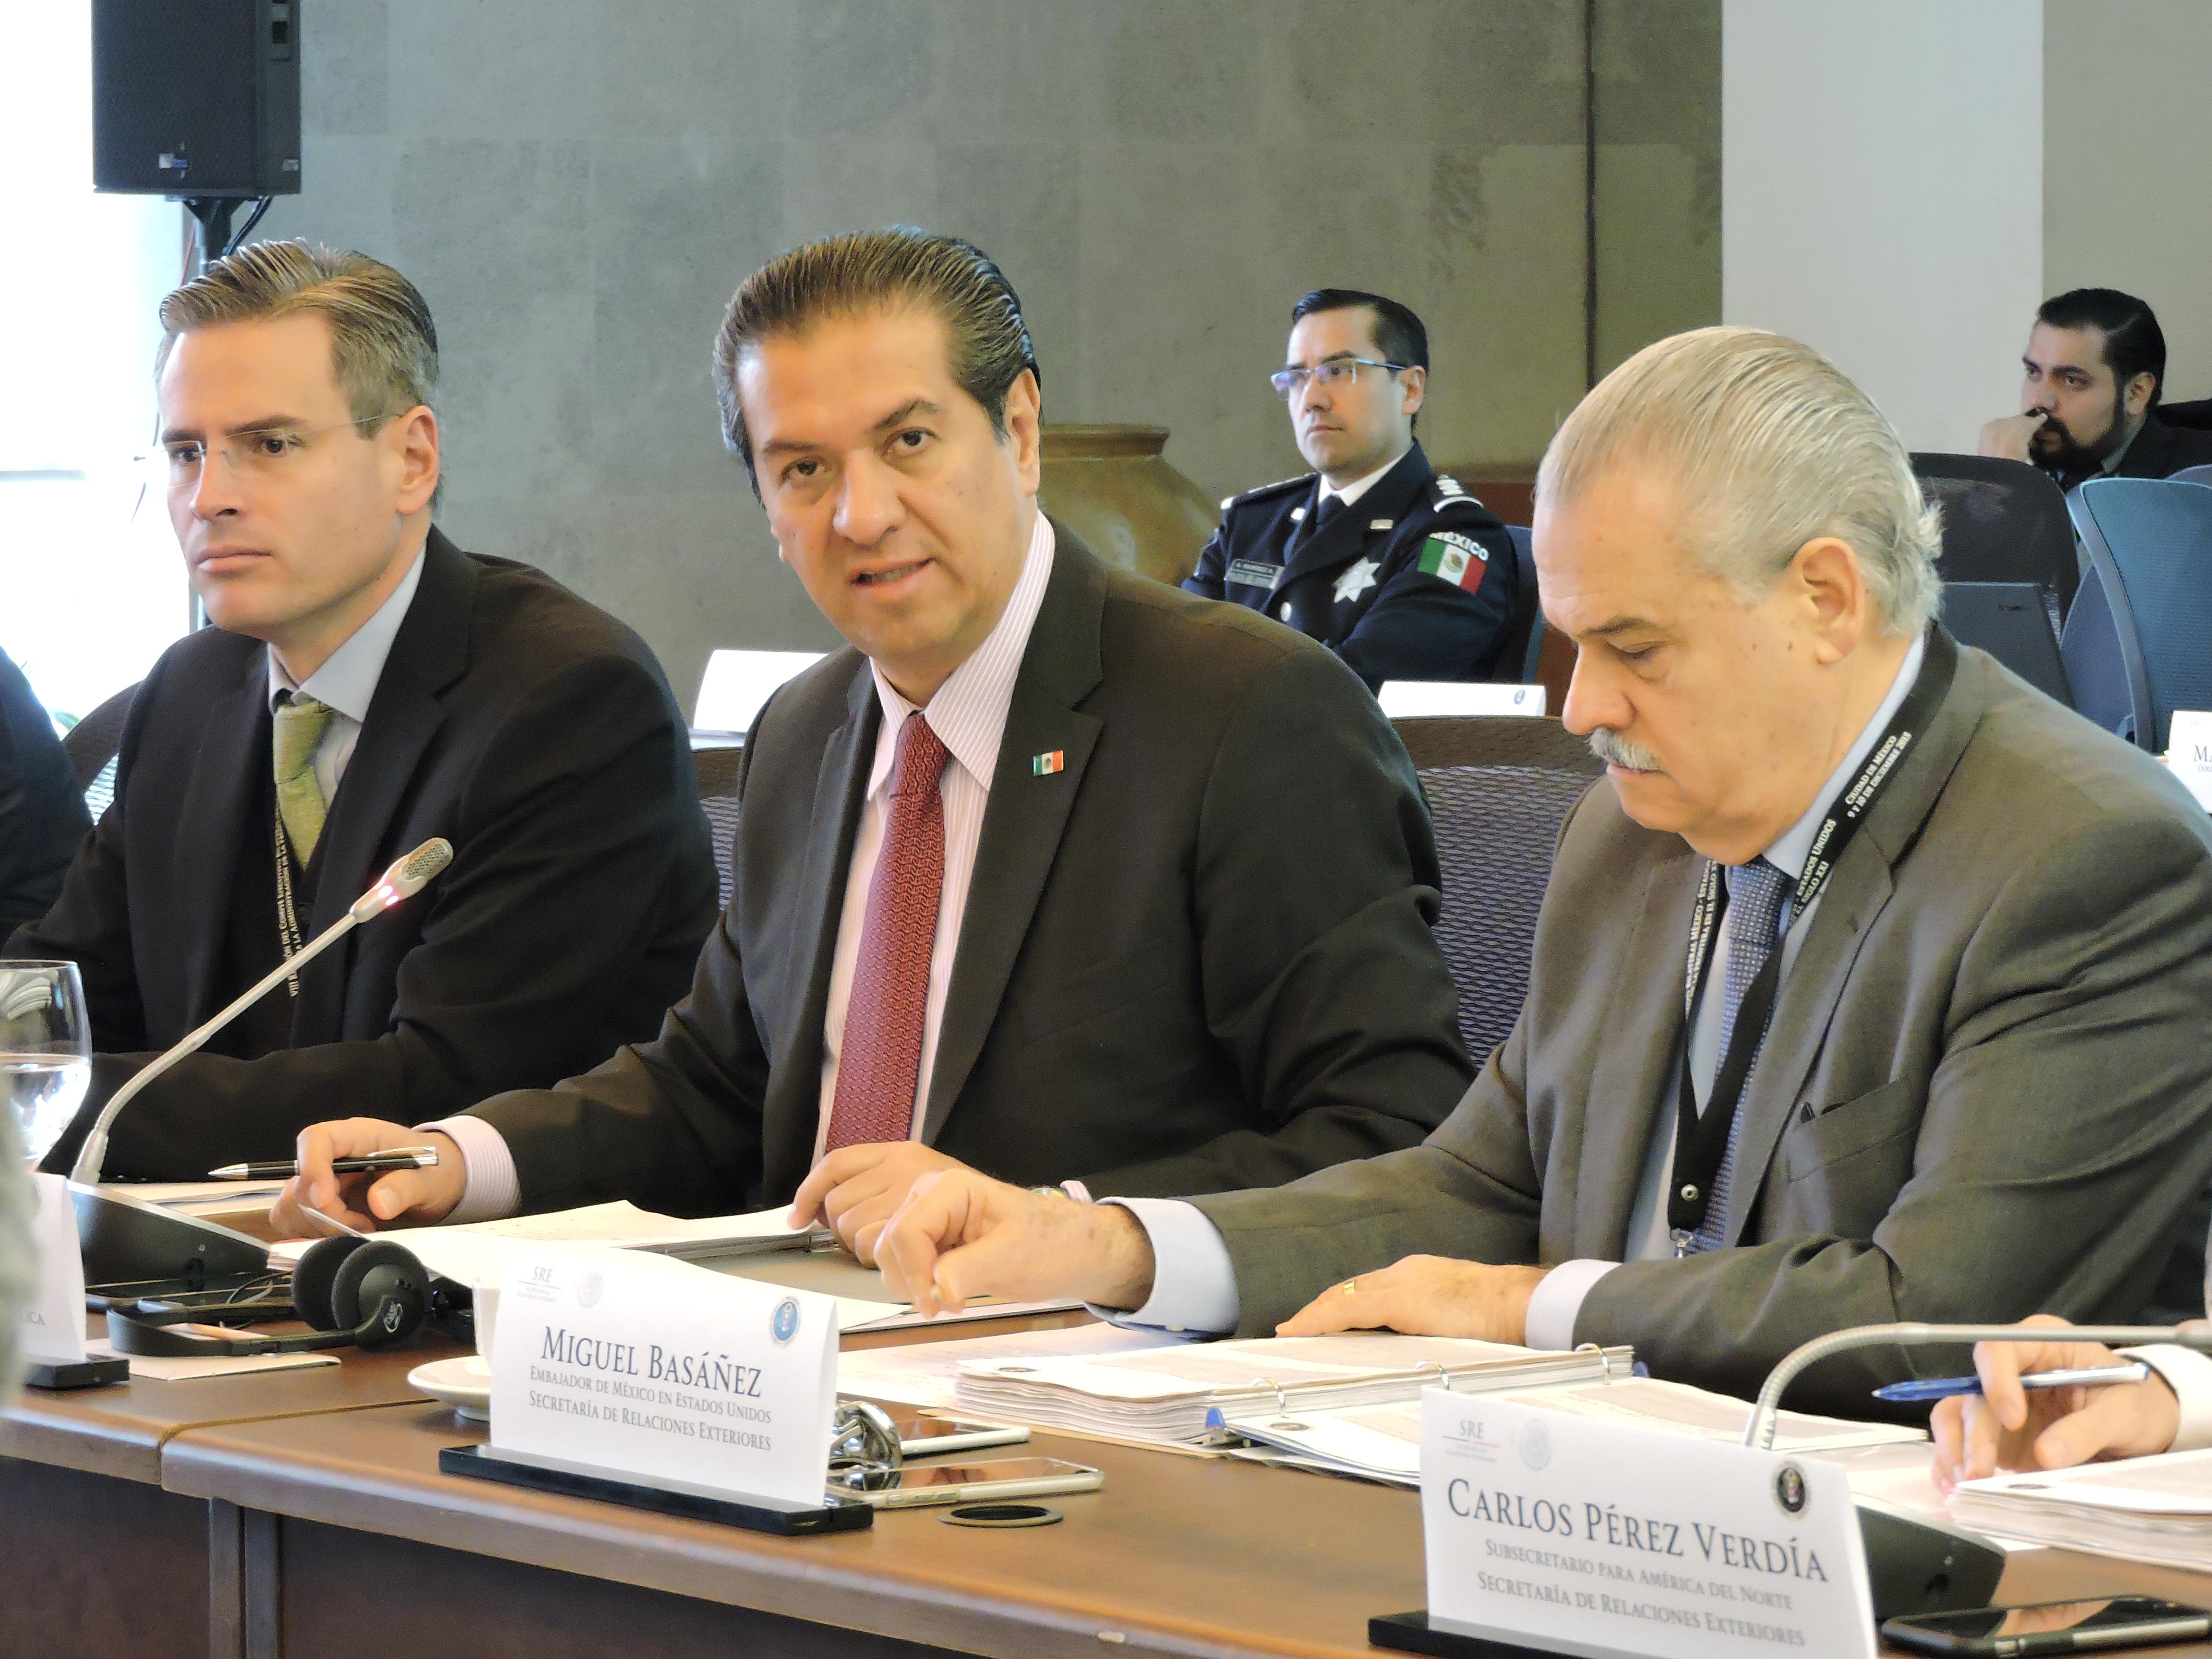 Subprocurador Jurídico y de Asuntos Internacionales de la PGR, José Alberto Rodríguez Calderón; Carlos Pérez Verdía, Subsecretario de Relaciones Exteriores y el embajador Miguel Basáñez